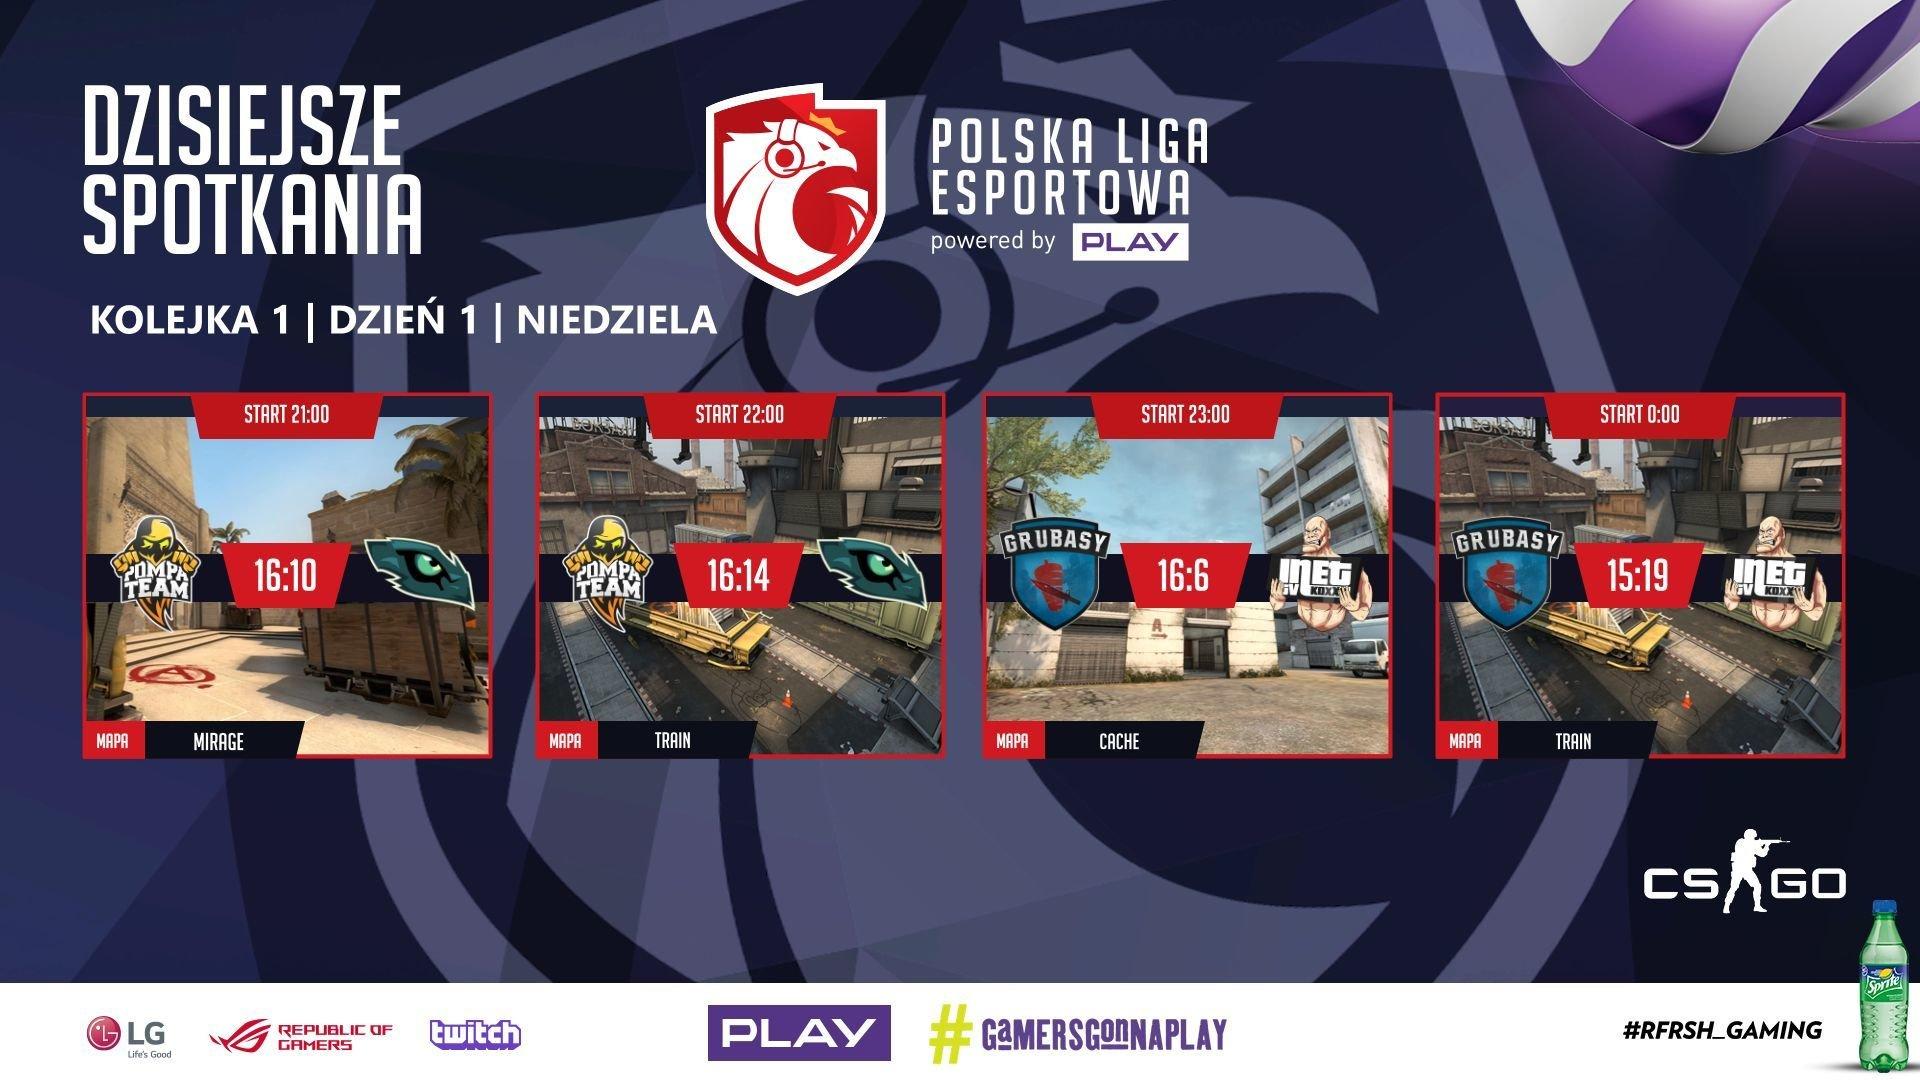 Rusza sezon zasadniczy Polskiej Ligii Esportowej